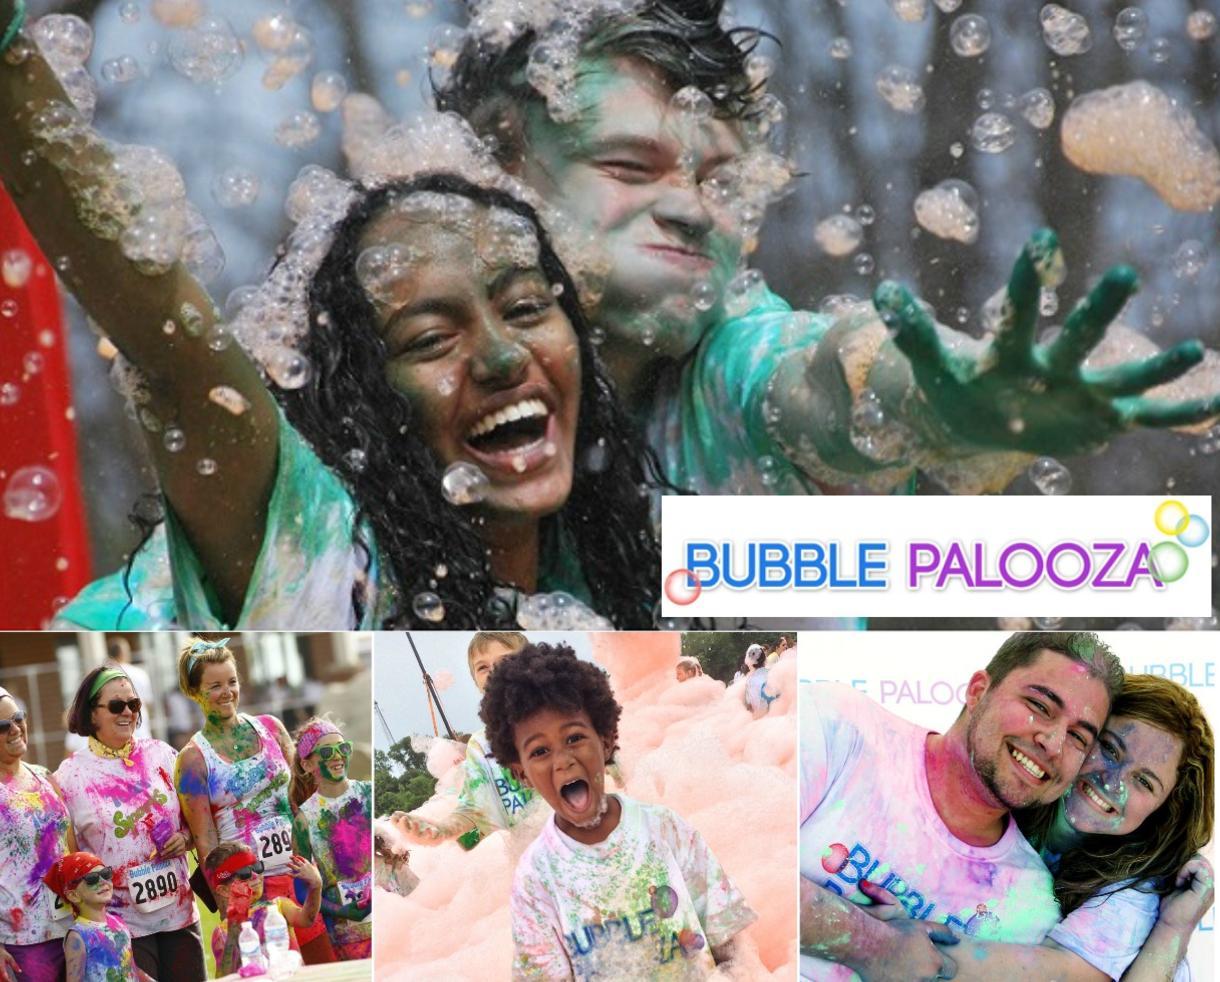 One Entry to Bubble Palooza Virginia 5K Fun Run at Loudoun 4H Fairgrounds